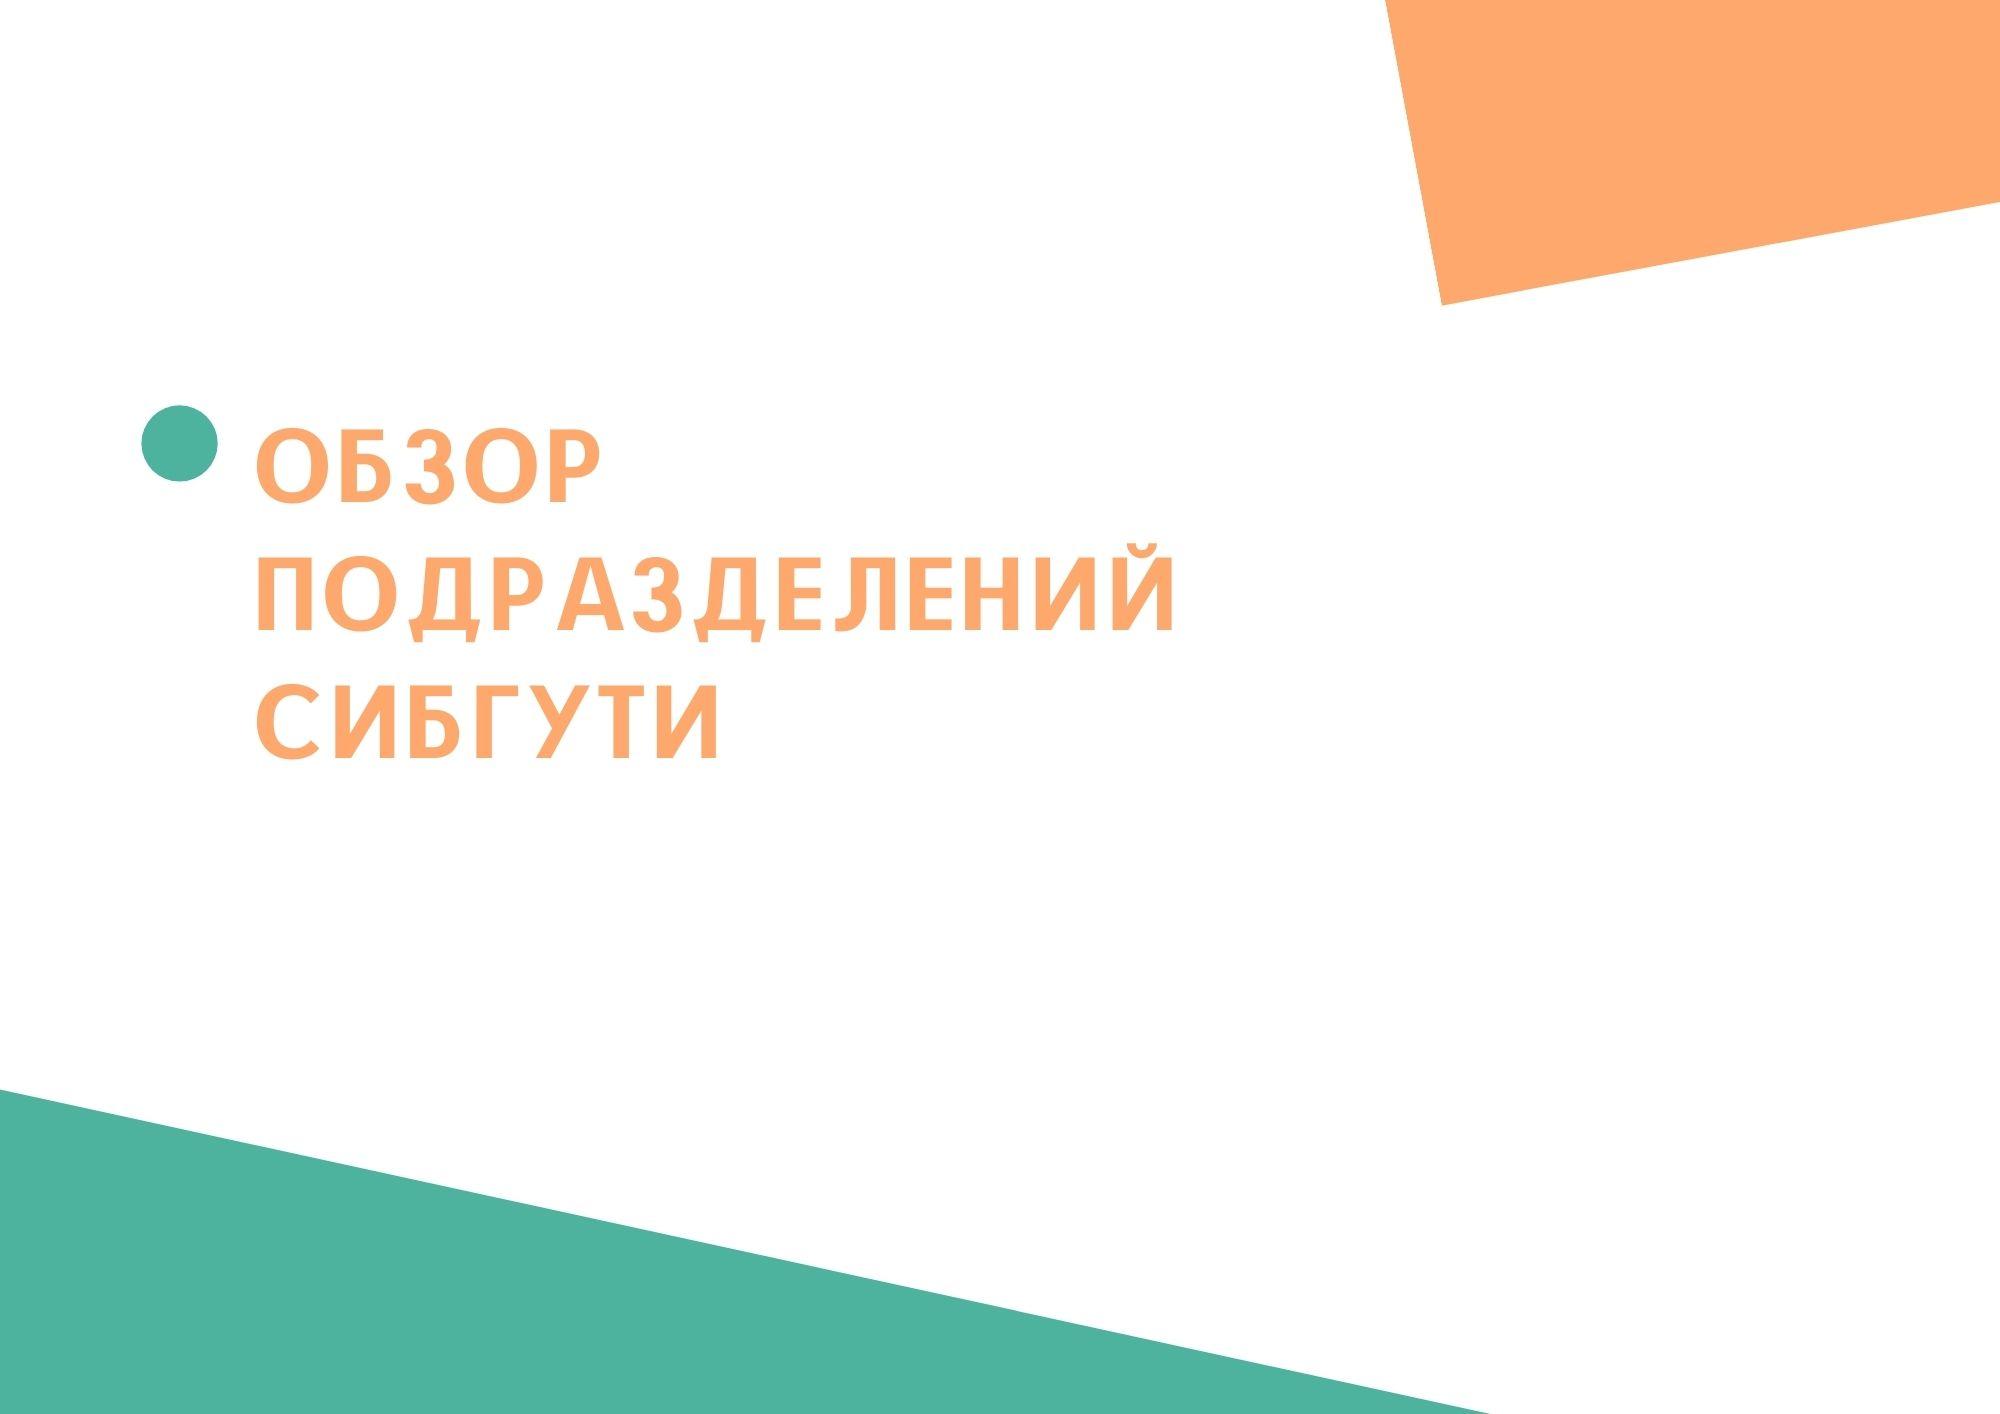 Обзор подразделений СибГУТИ